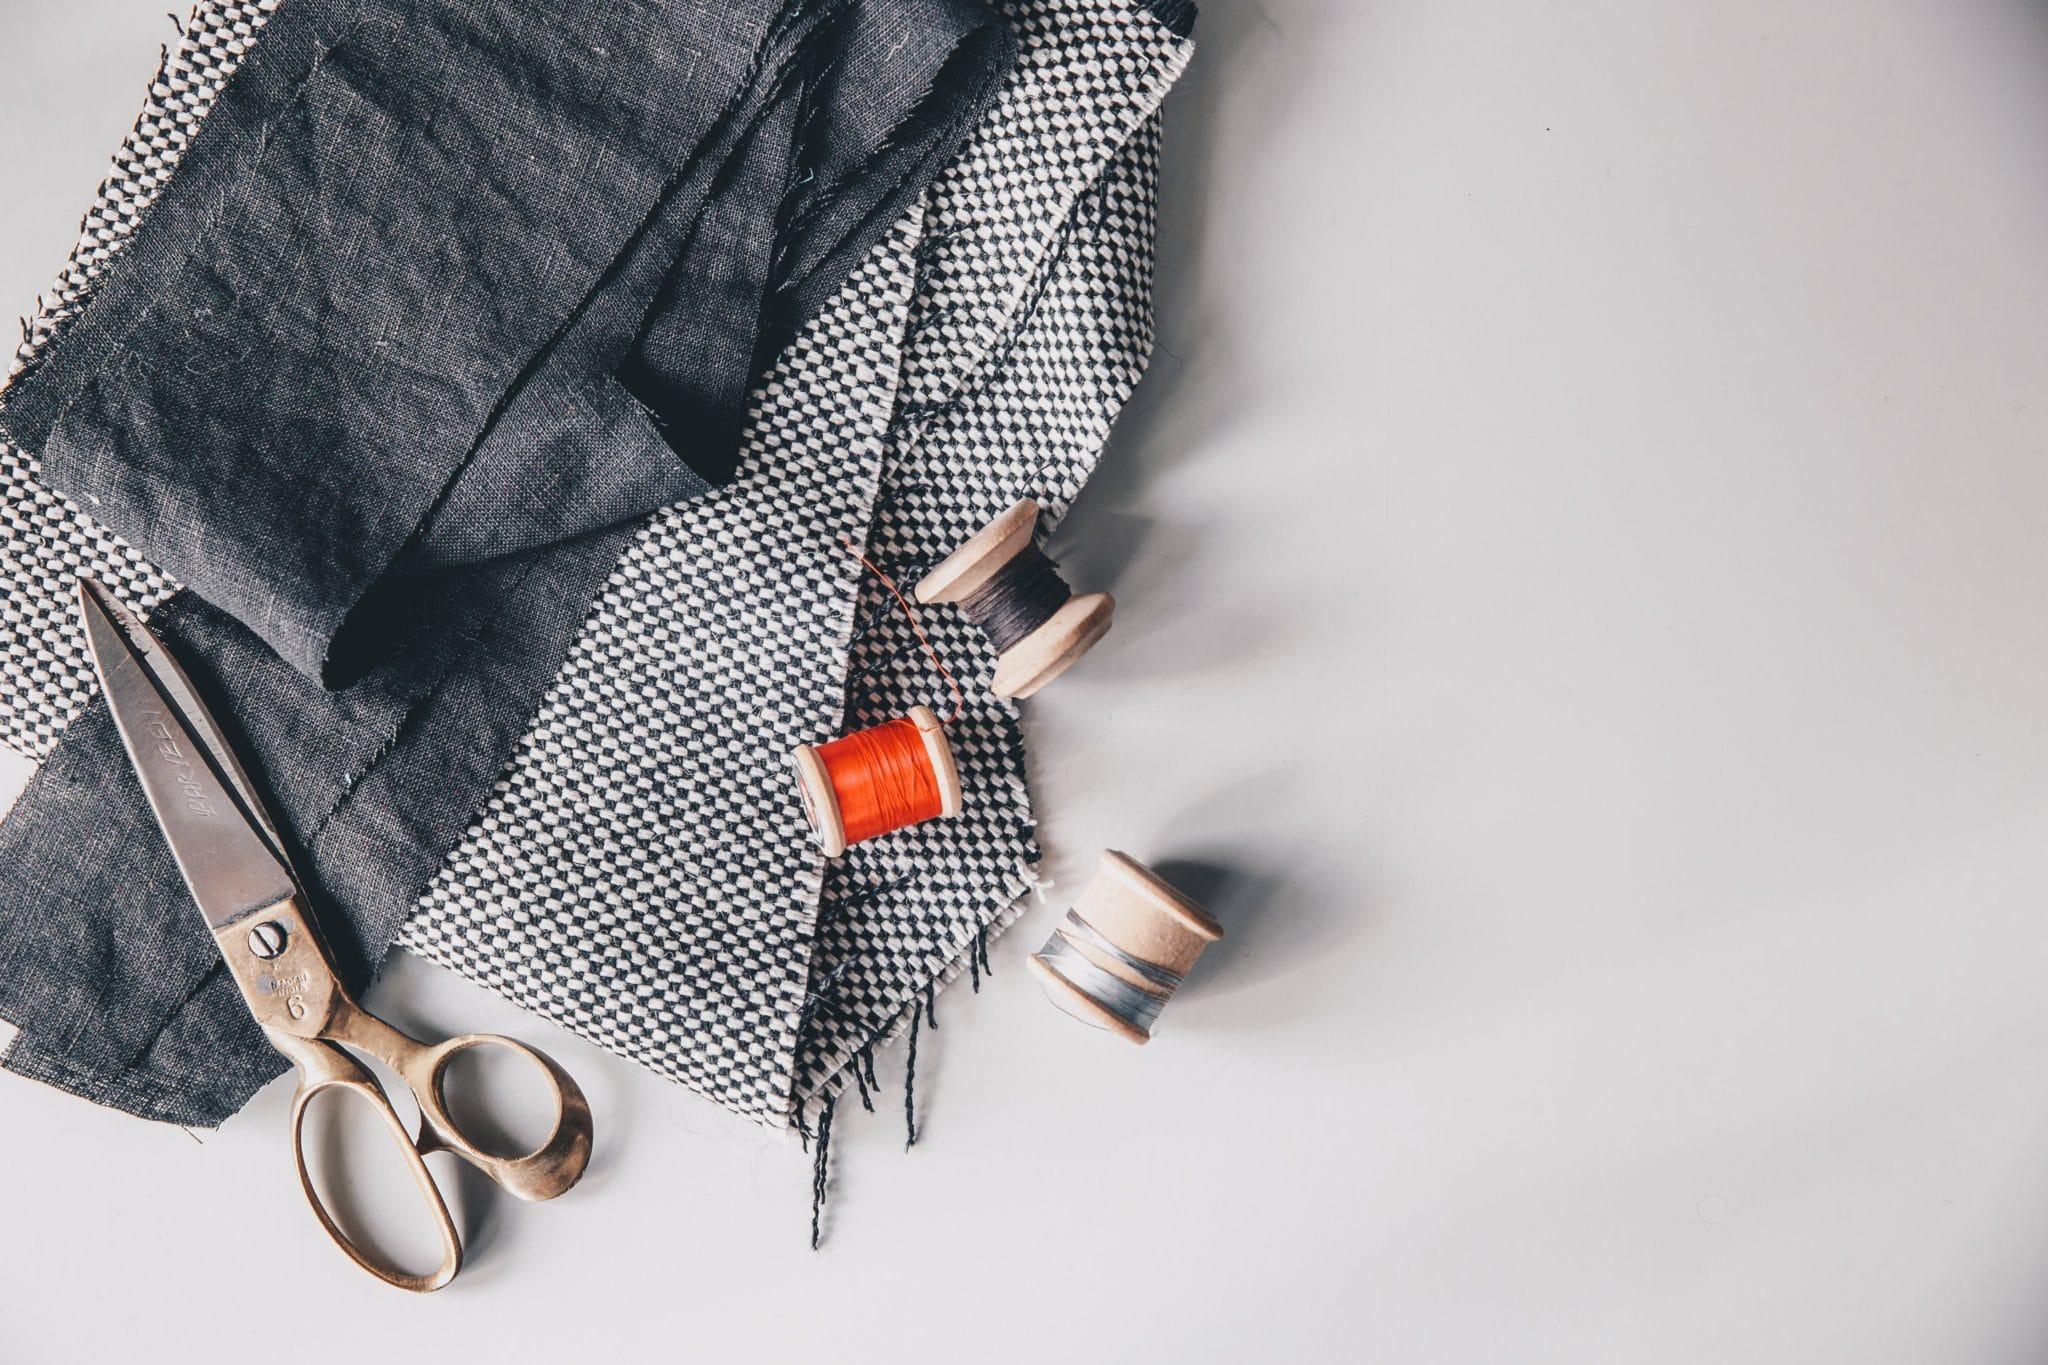 sewing-flatlay_4460x4460.jpg